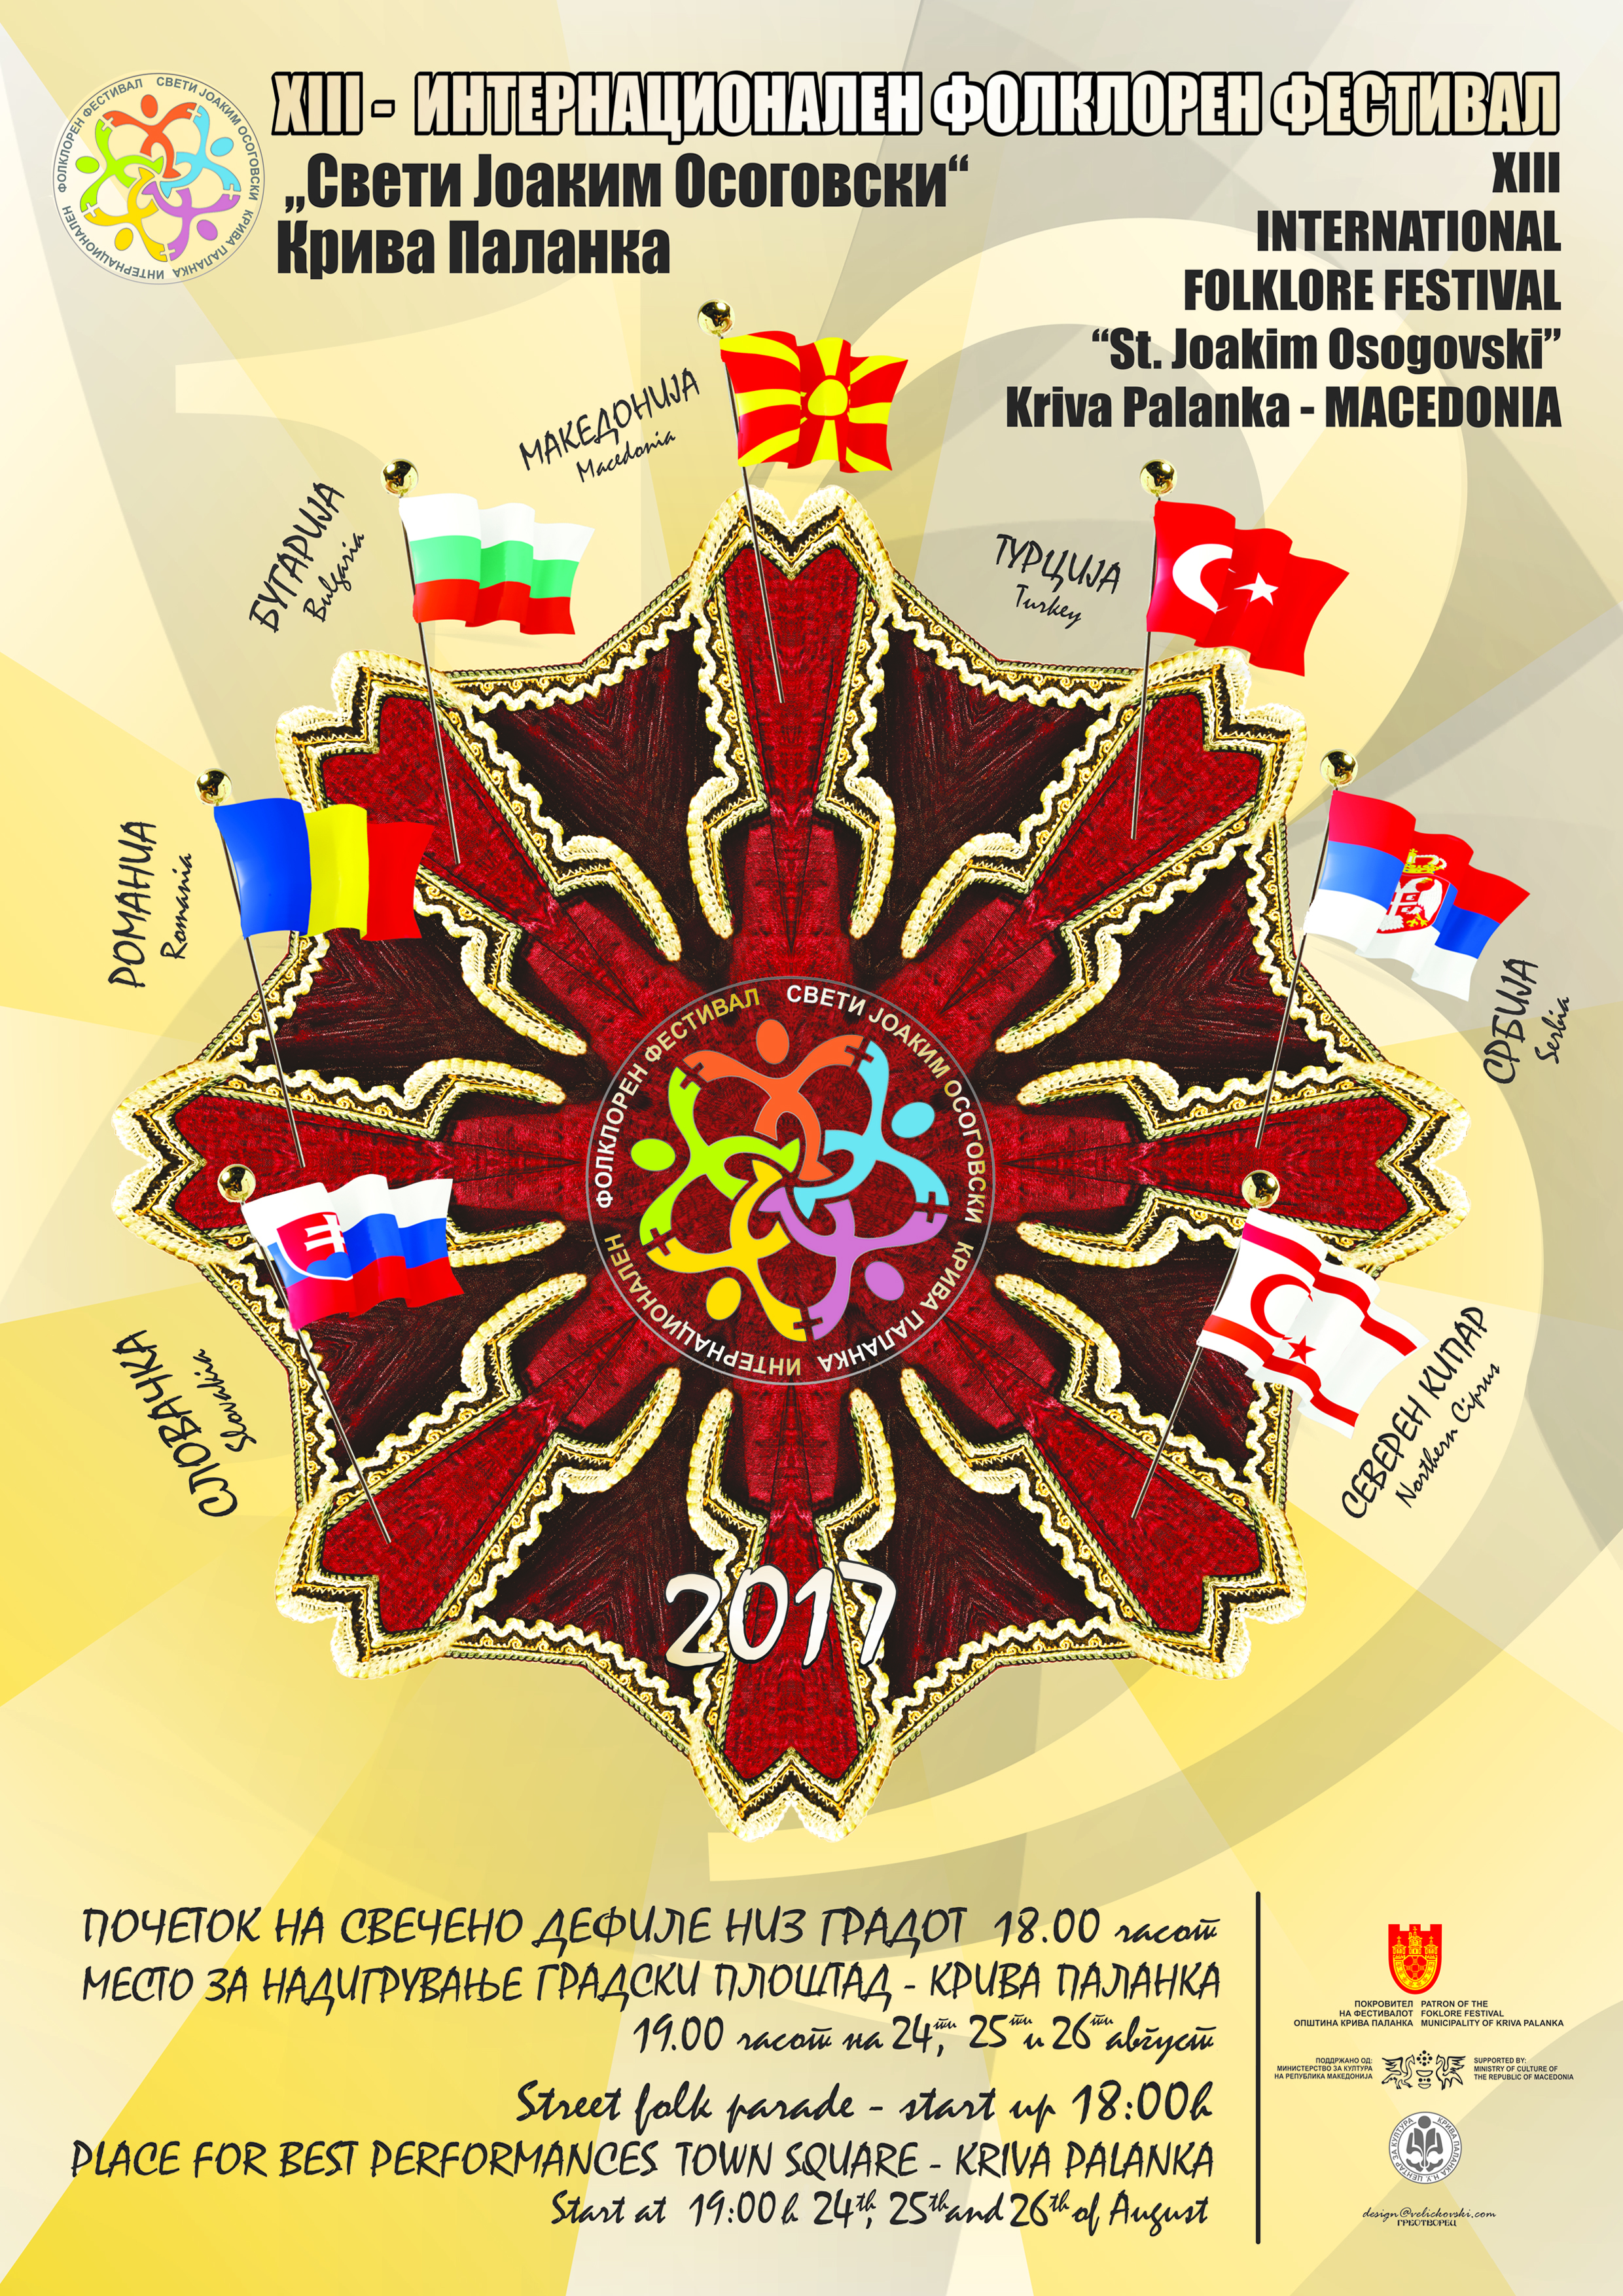 """XIII Интернационален фолклорен фестивал """"Свети Јоаким Осоговски"""""""